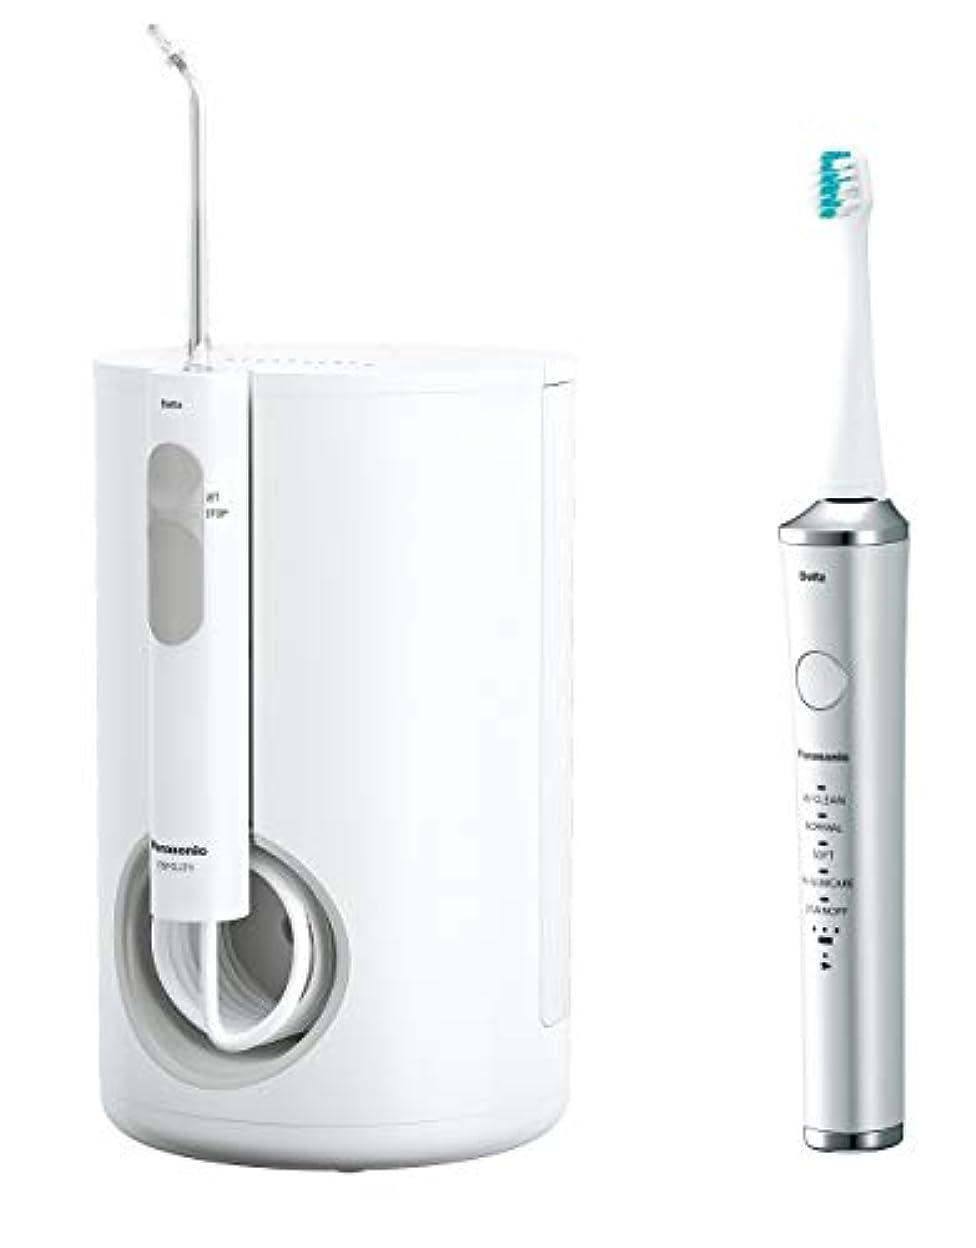 奨励ビジュアル穀物パナソニック 口腔洗浄器 ジェットウォッシャー ドルツ 白 EW-DJ71-W + 電動歯ブラシ ドルツ セット